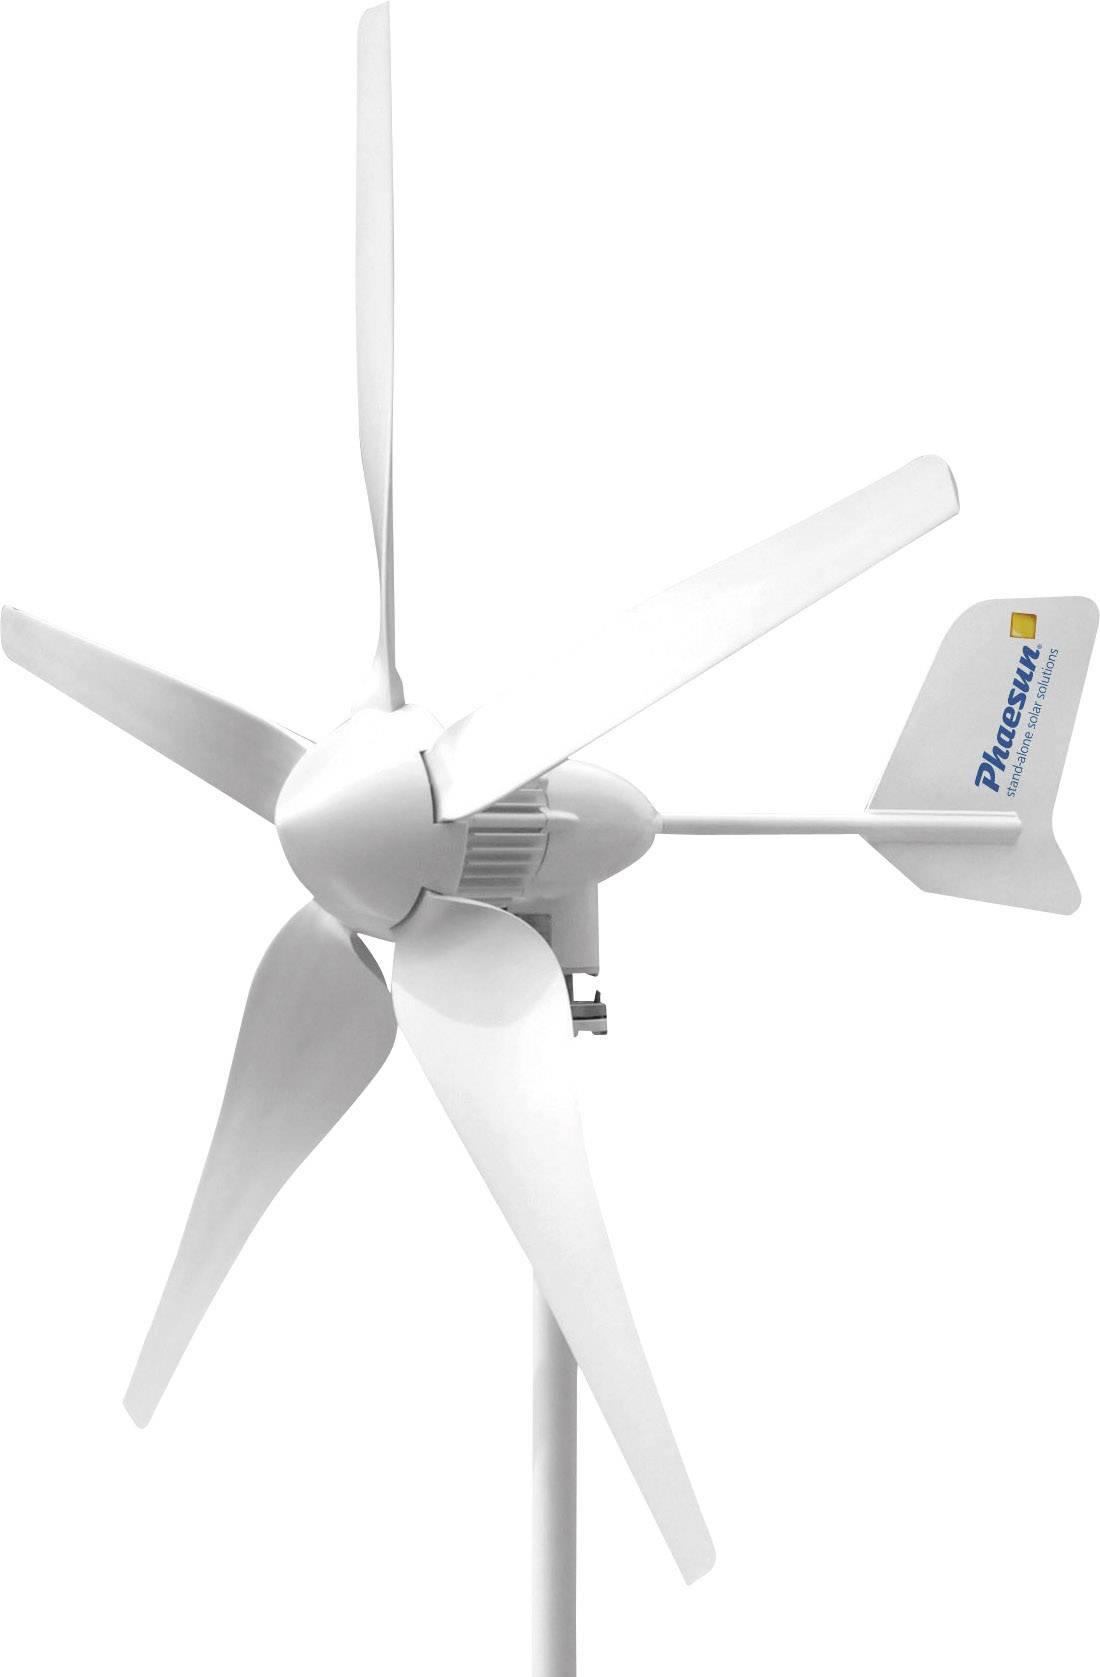 Veterný generátor pre mini elektrárňu Phaesun Stormy Wings 400_12 310125, výkon pri 10m/s 400 W